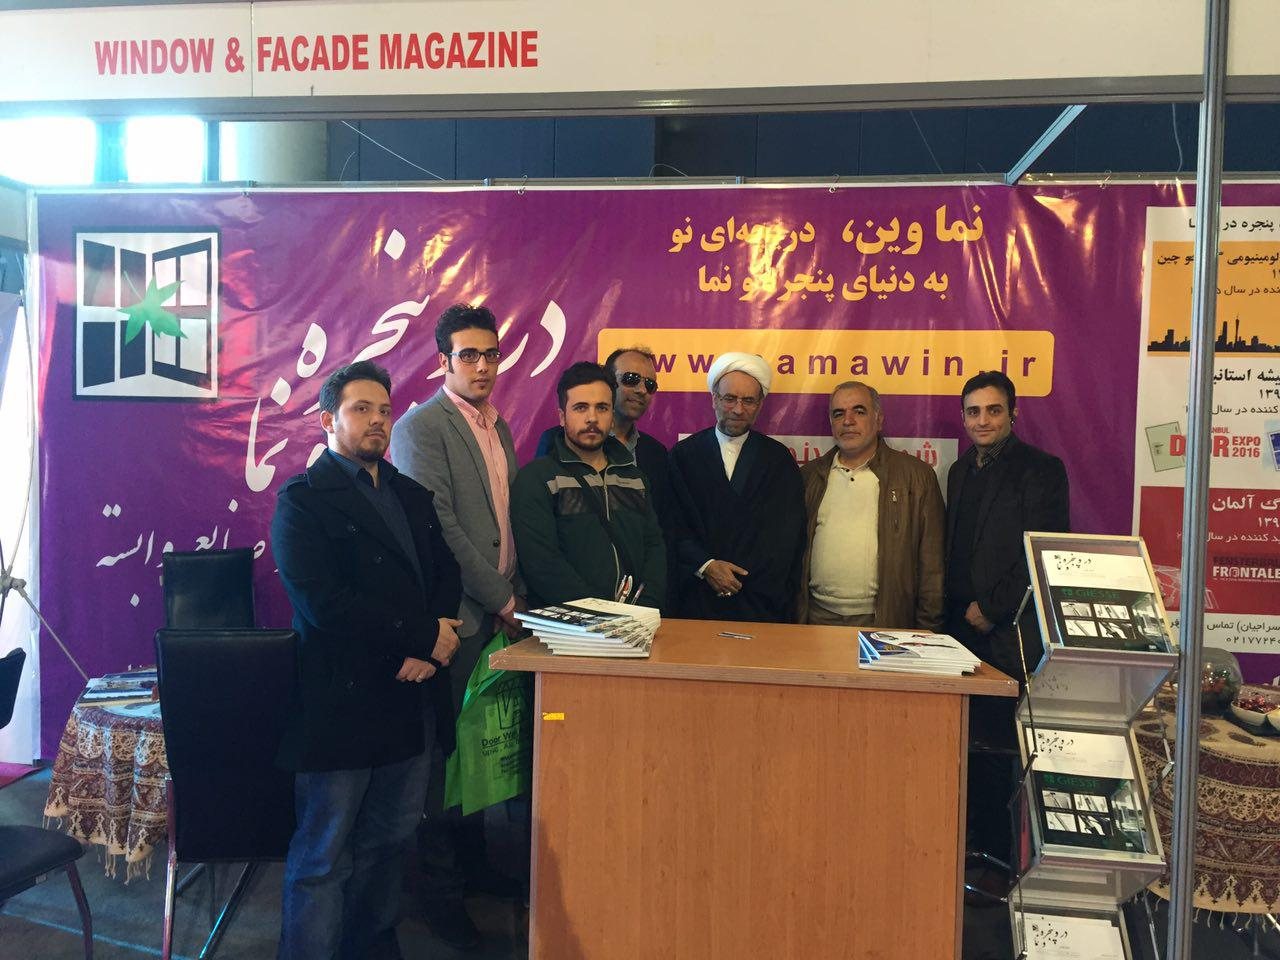 گزارش تصویری از غرفه باشگاه در و پنجره و نما در هفتمین نمایشگاه در و پنجره و صنایع وابسته